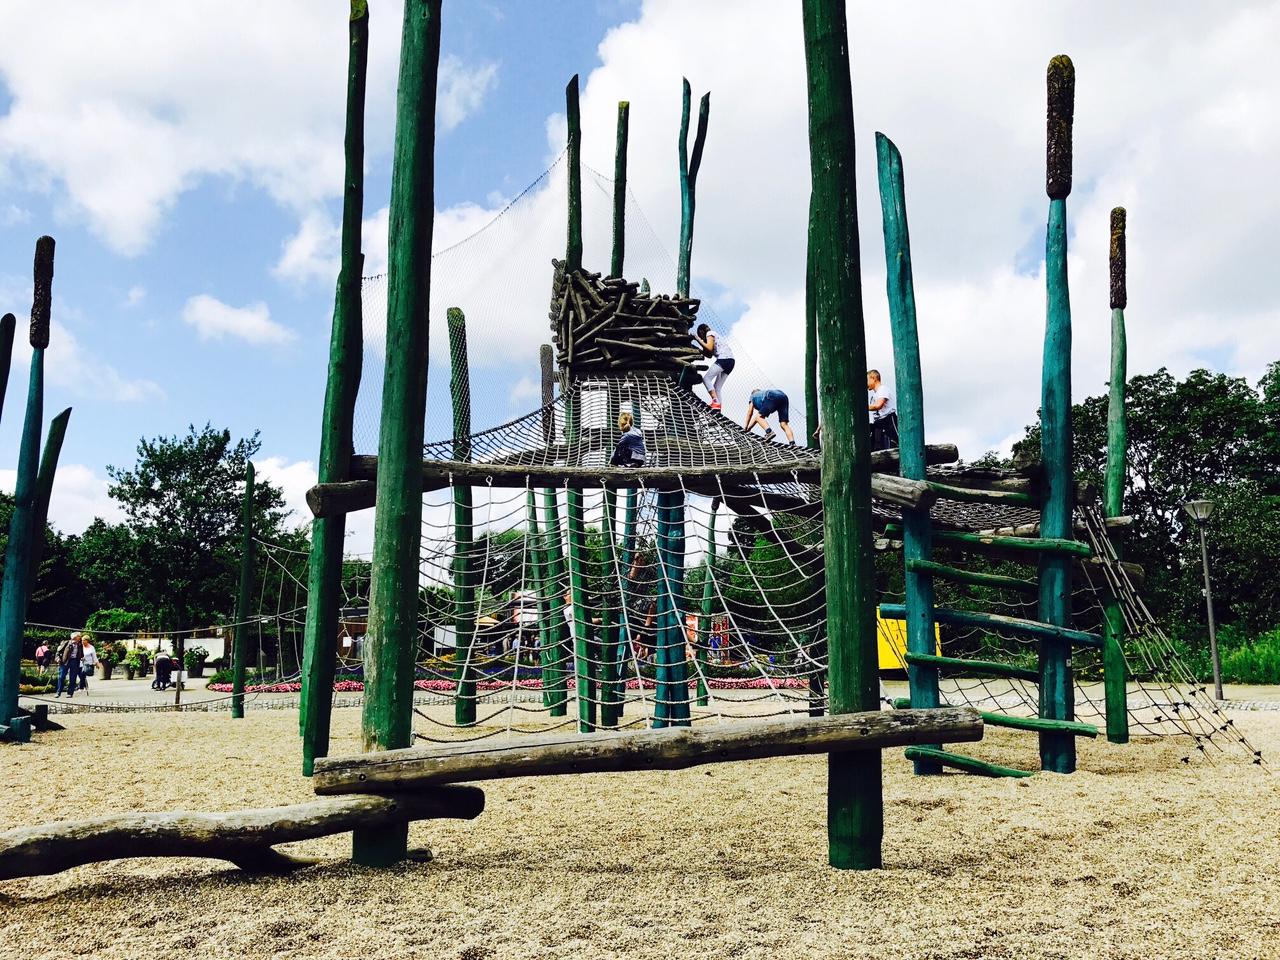 Kletterspielplatz im Gartenschaupark Rietberg